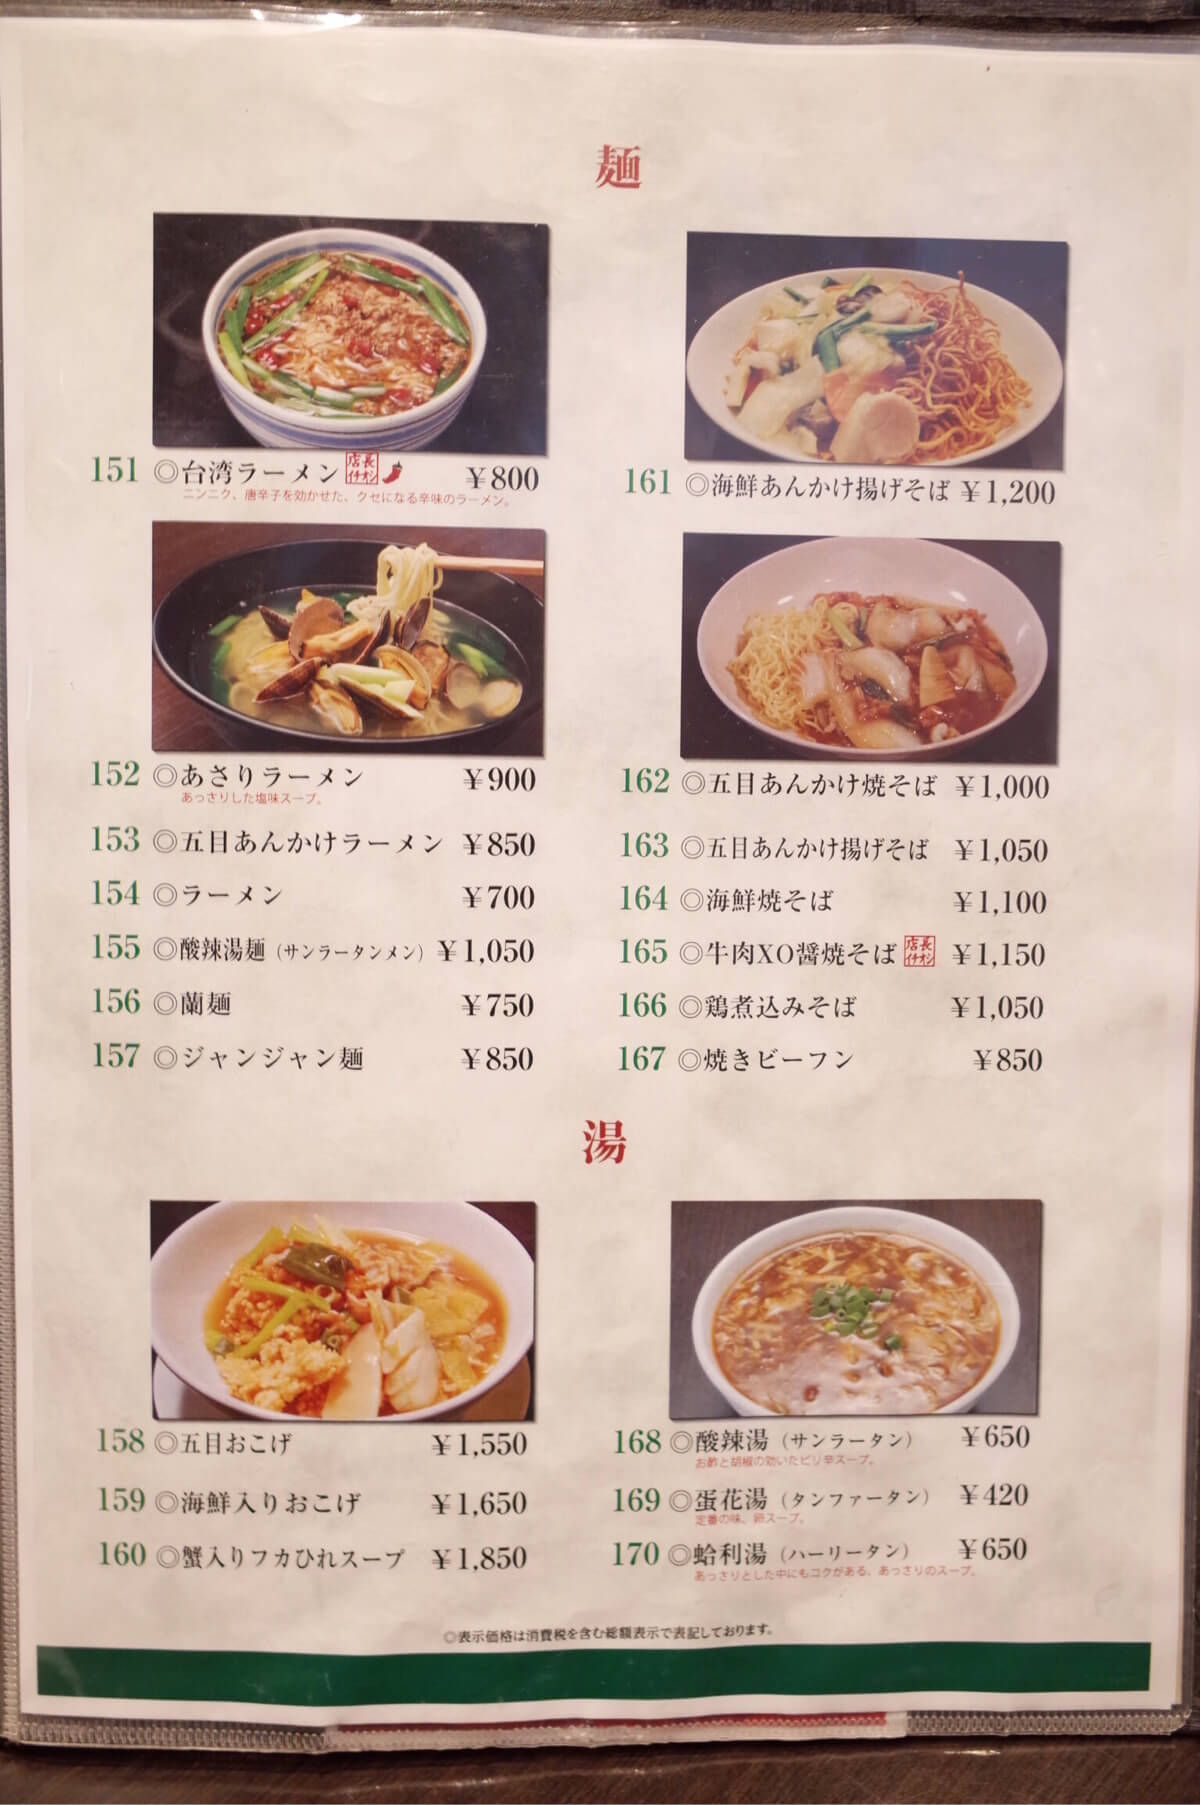 大阪 谷町九丁目 上本町 蘭亭 メニュー